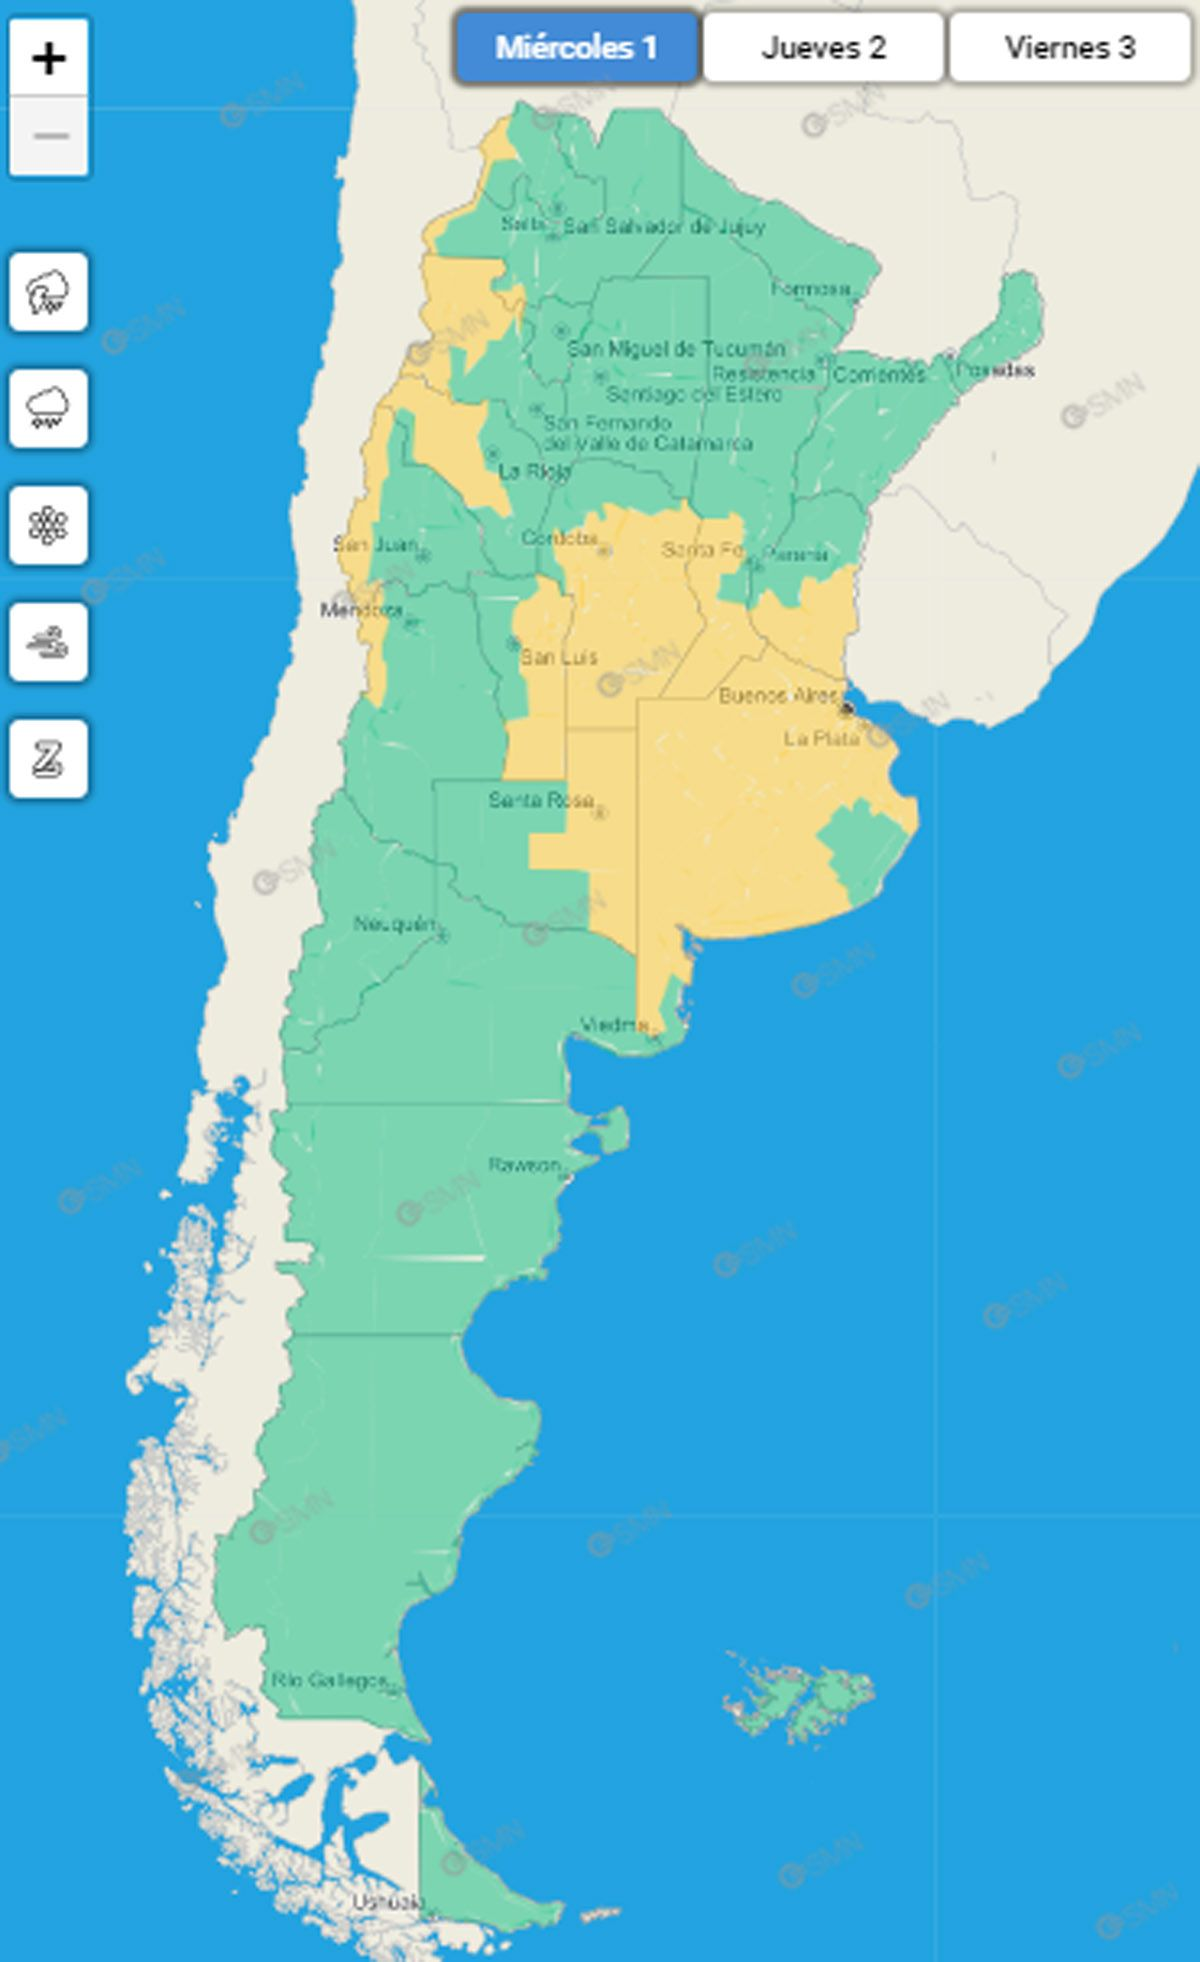 El mapa argentino con el sistema de alertas del SMN para el miércoles 1 de septiembre